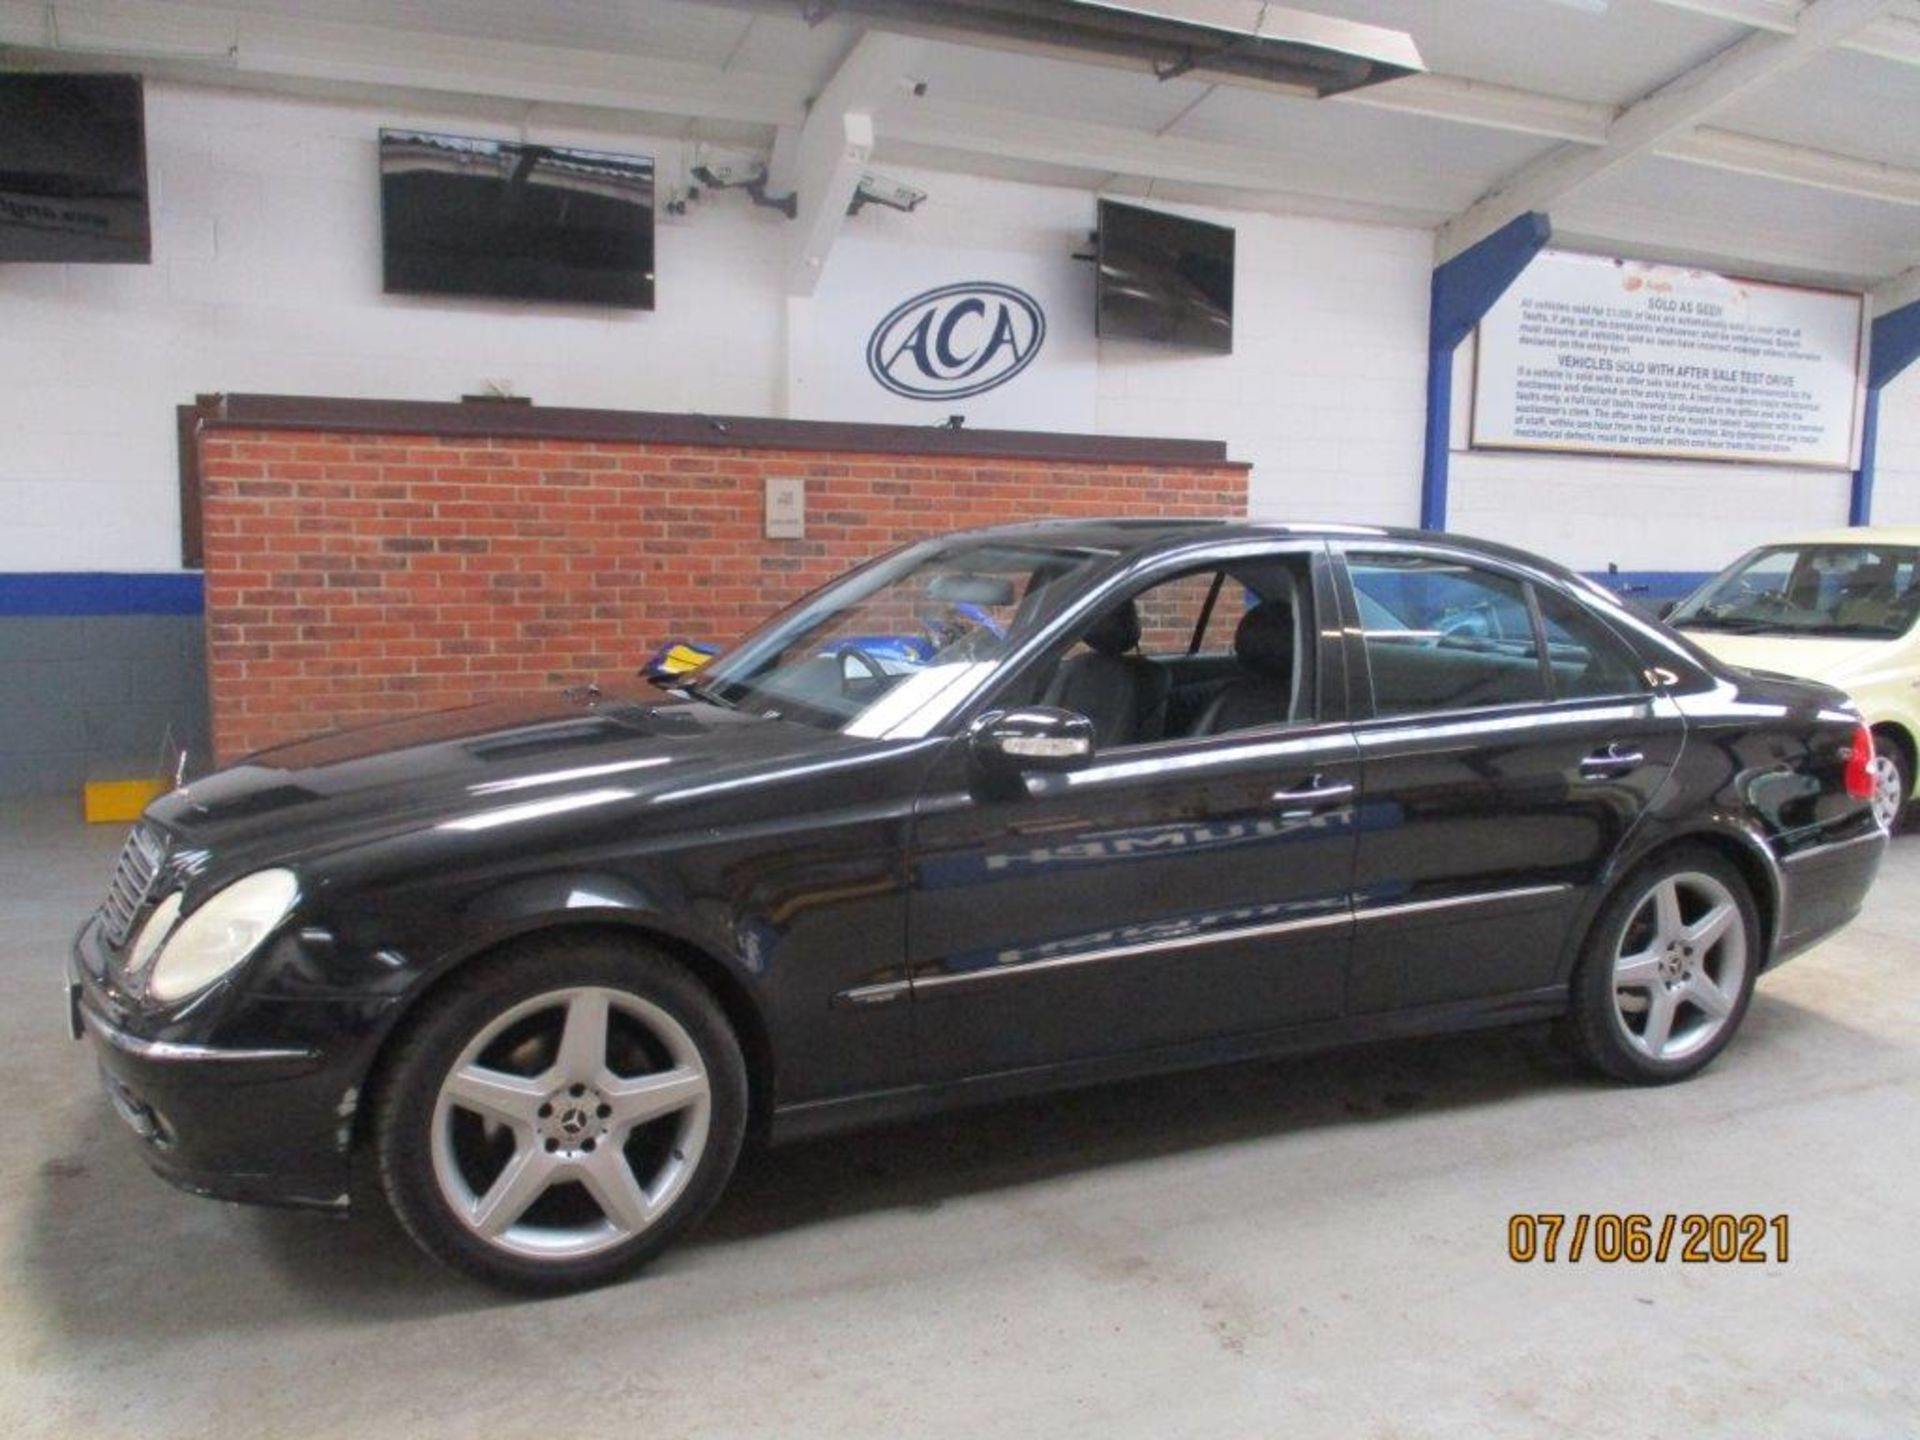 55 05 Mercedes E320 CDI Avantagarde